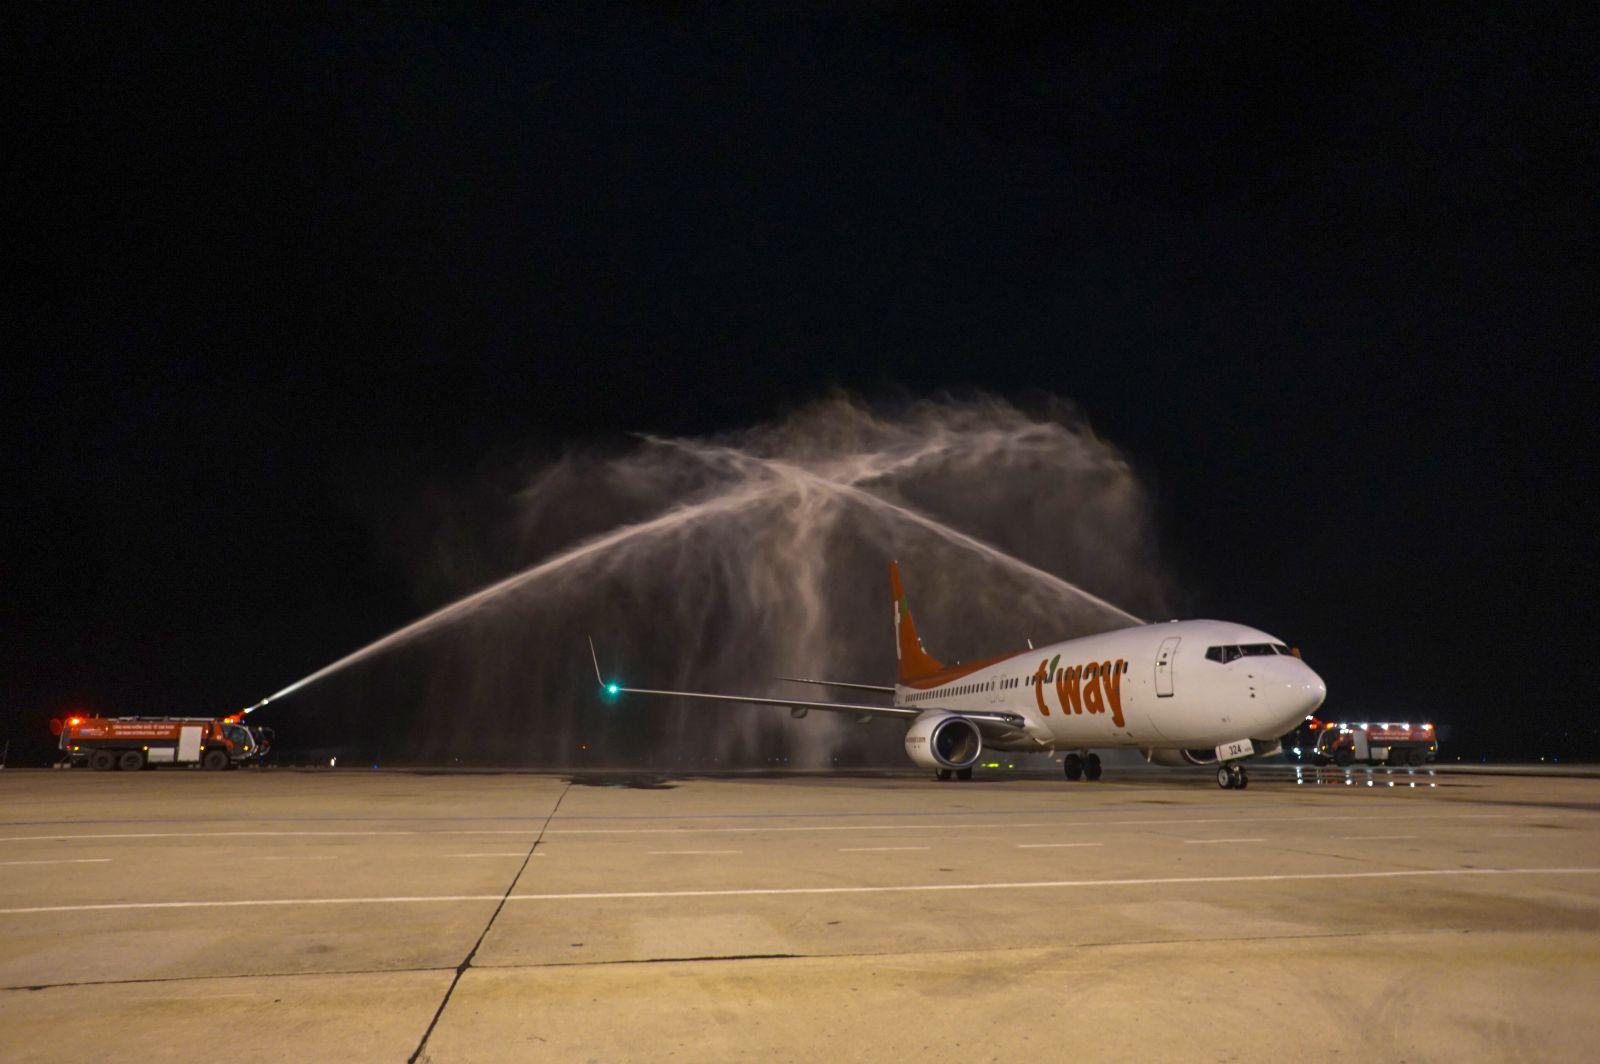 Cảng hàng không quốc tế Cam Ranh (Khánh Hoà) chuẩn bị khai thác đường bay quốc tế thương mại thường lệ